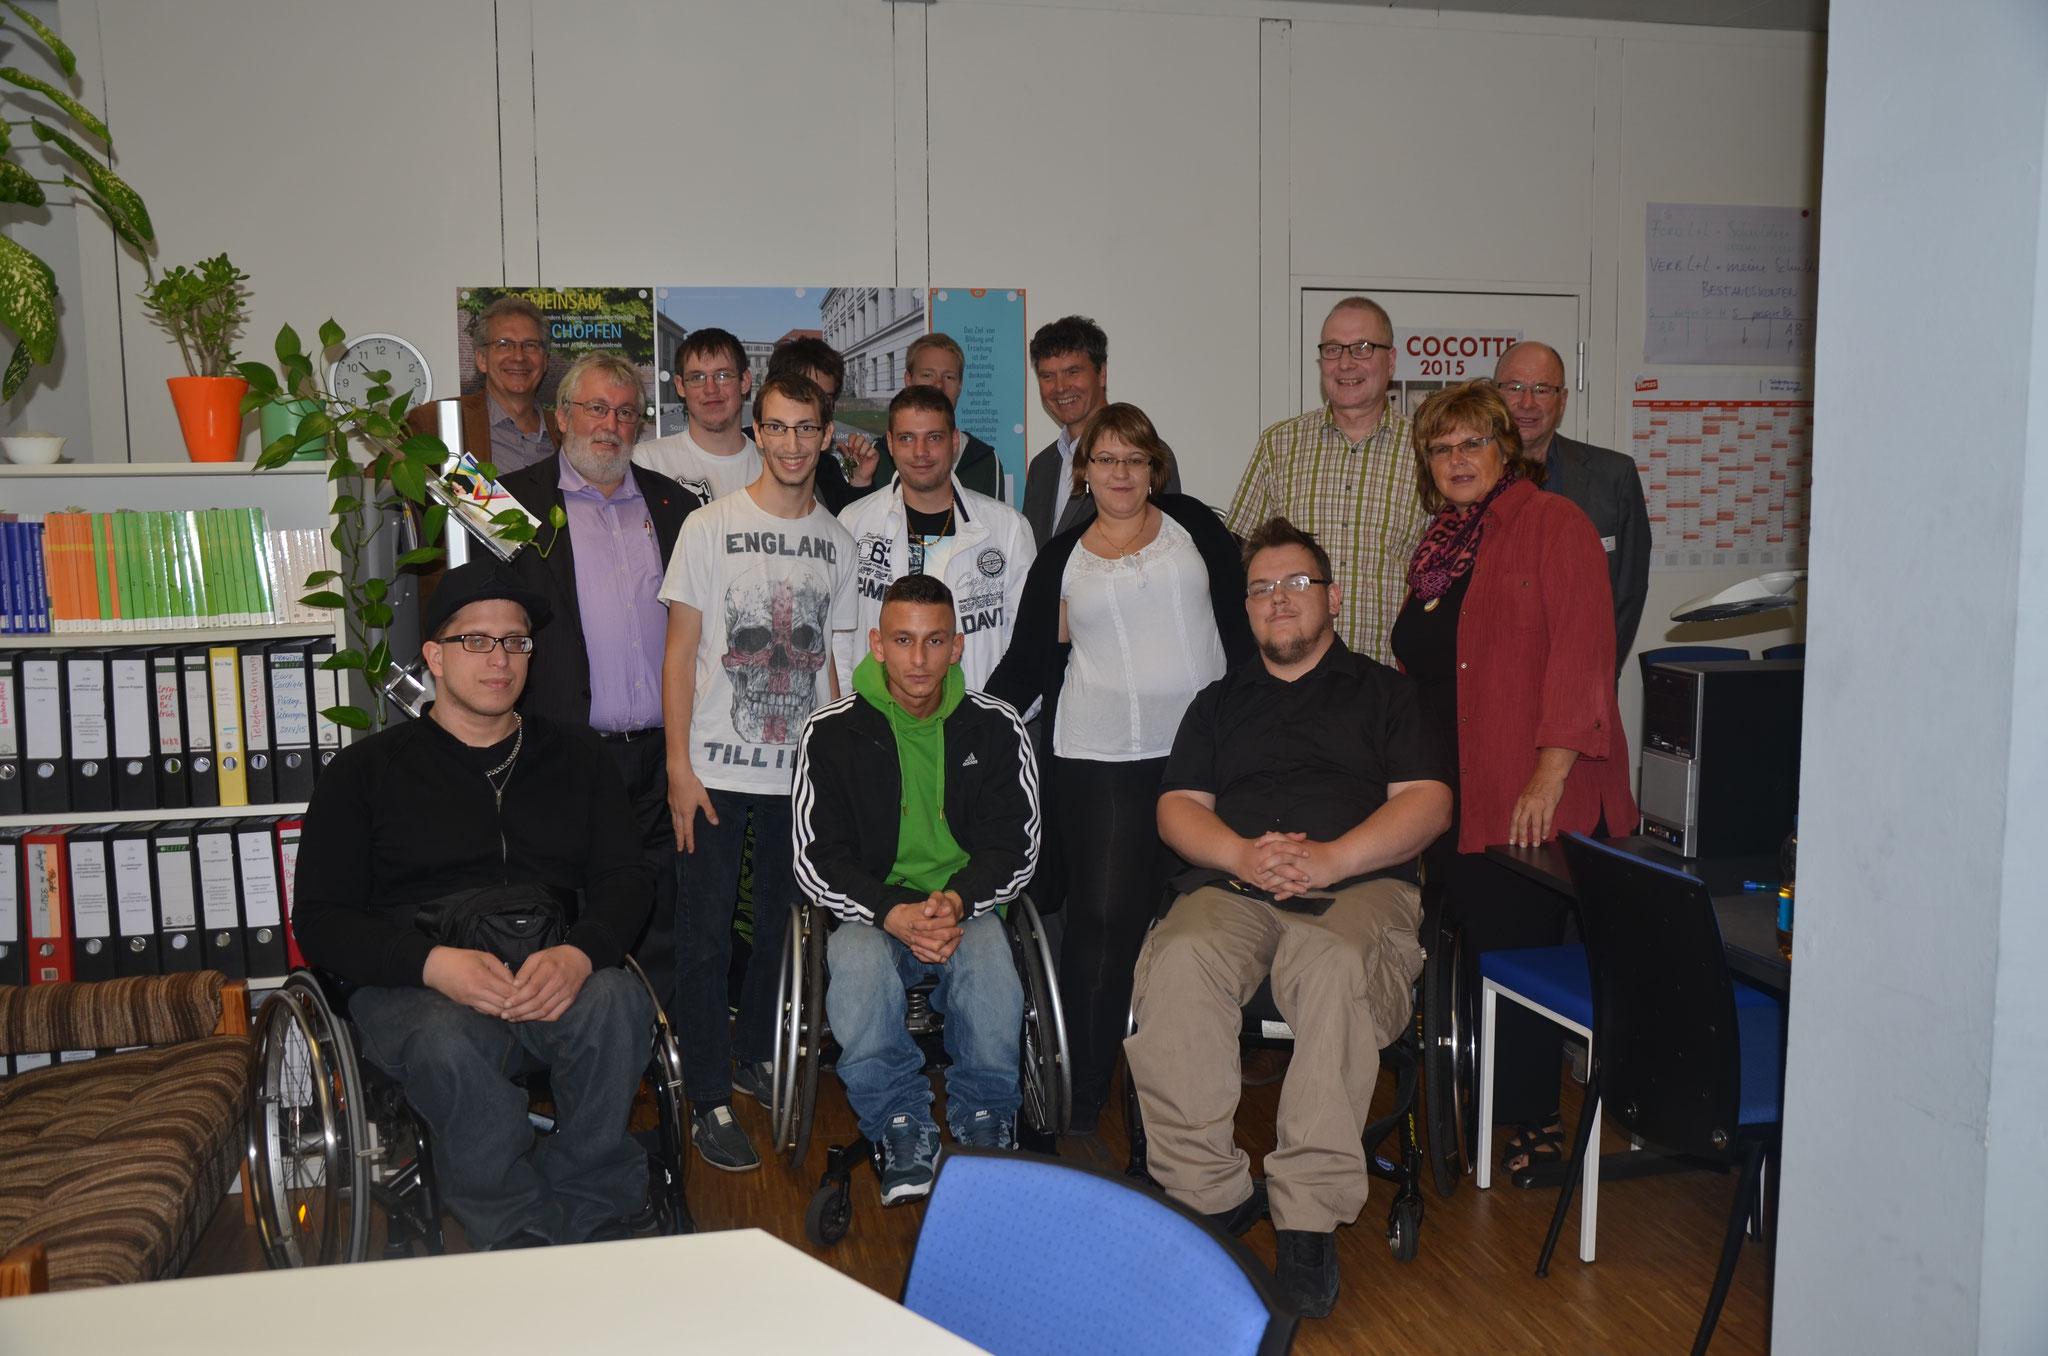 Führung durch den Bereich Dialogmarketing mit Auszubildenden, der Lehrerin, dem Geschäftsführer, Ausbildungsleiter, Gästen und mir - 2014